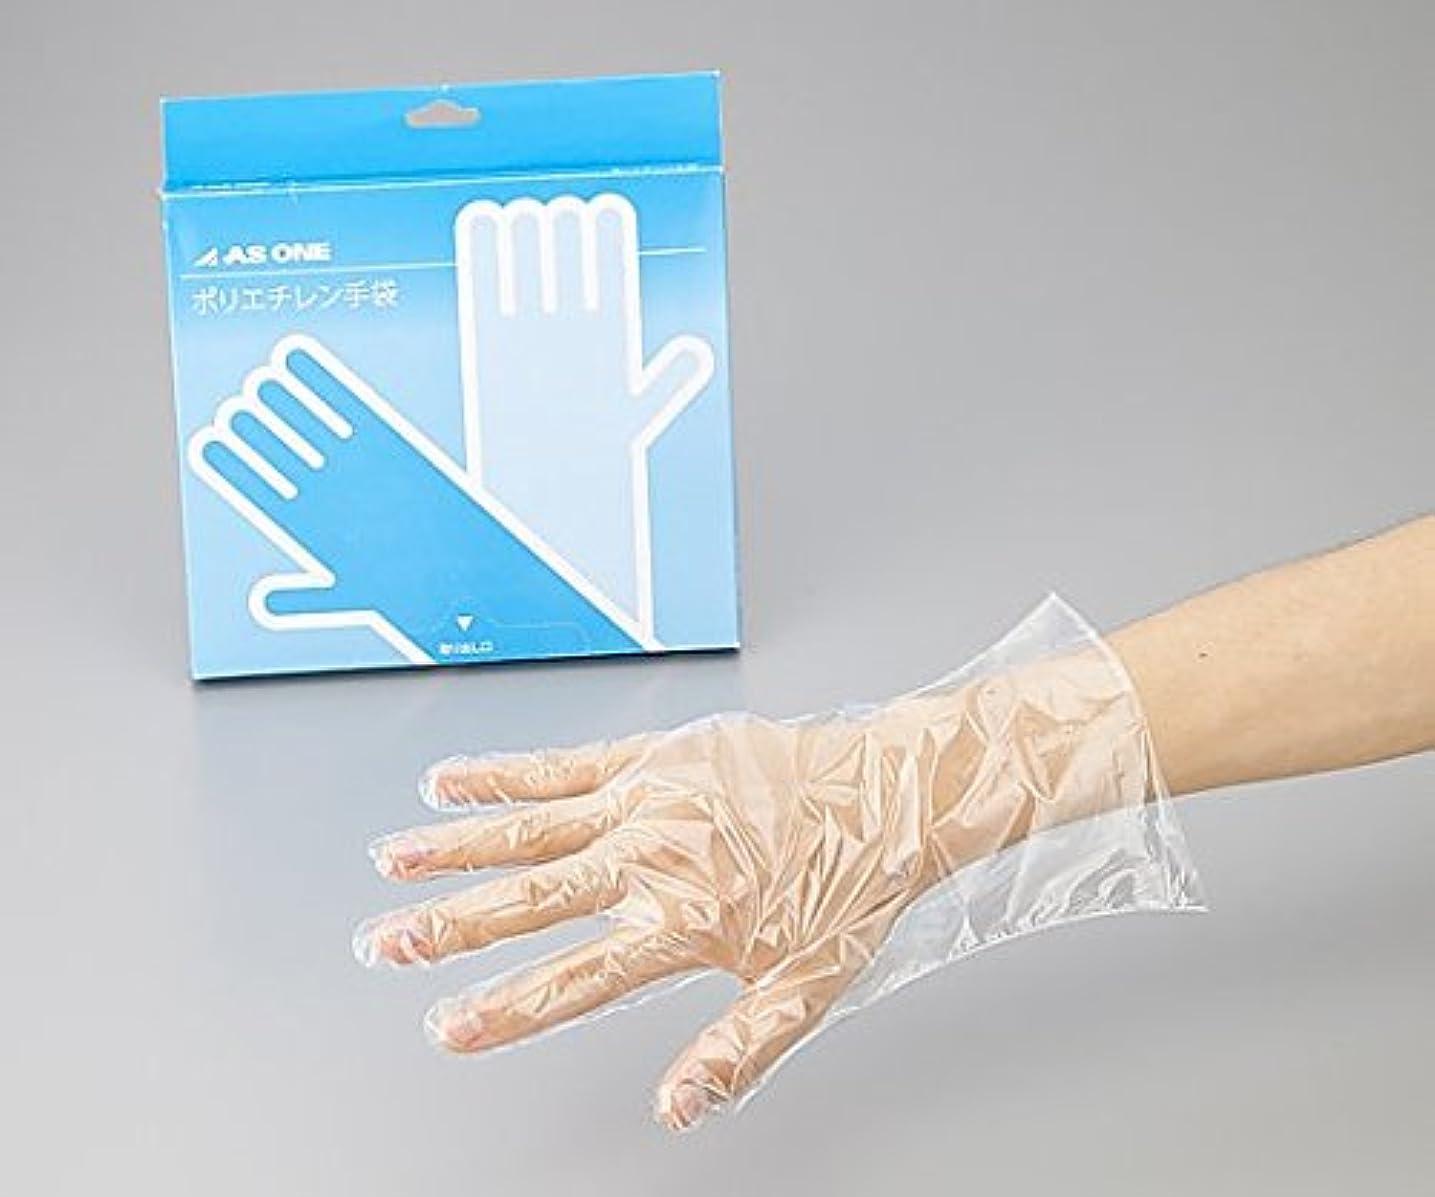 禁止脊椎魚アズワン2-4973-02ポリエチレン手袋スタンダード標準厚M100枚入